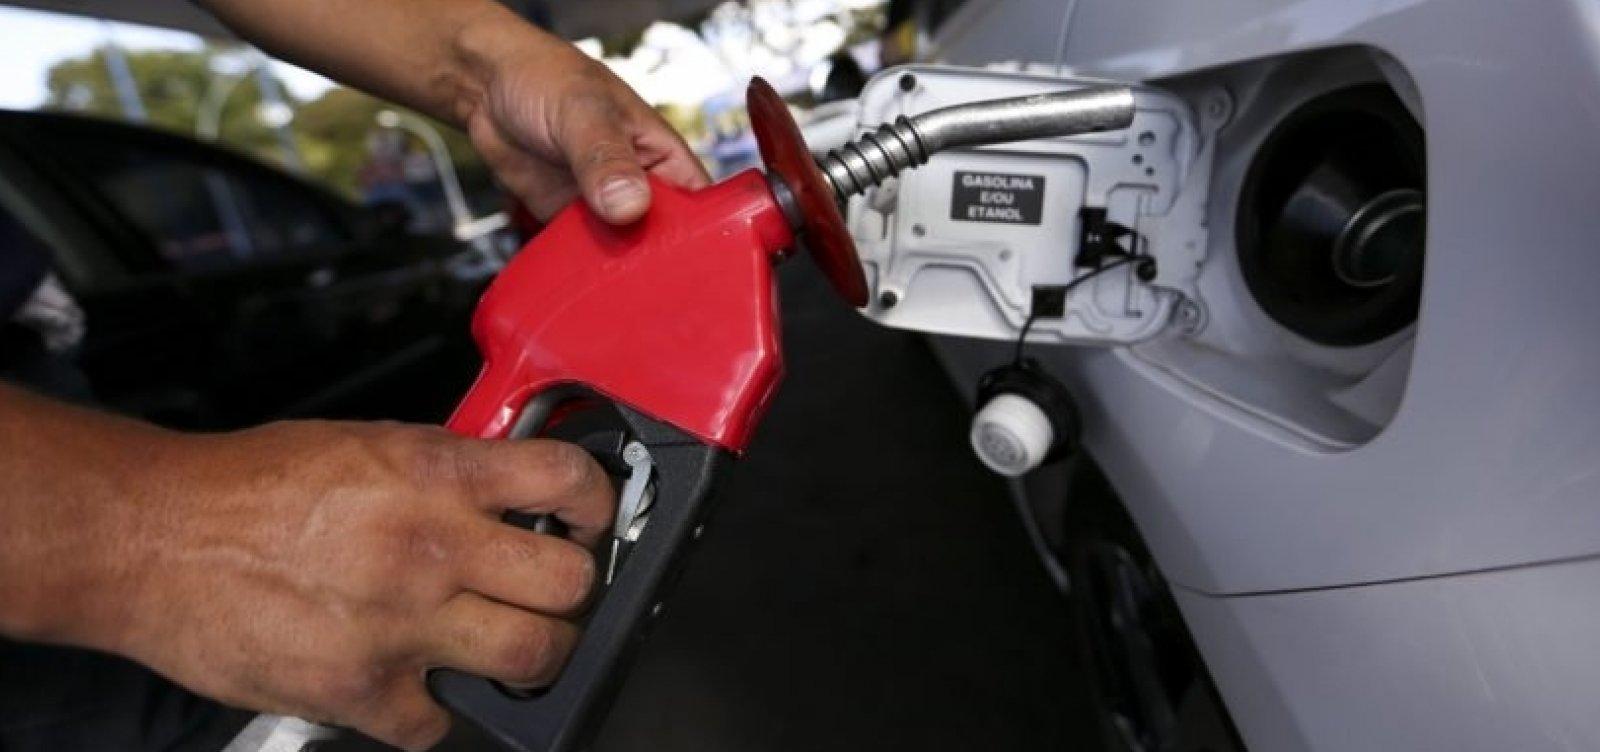 [Sindicato diz que aumento de ICMS pode impactar no preço da gasolina e do diesel]